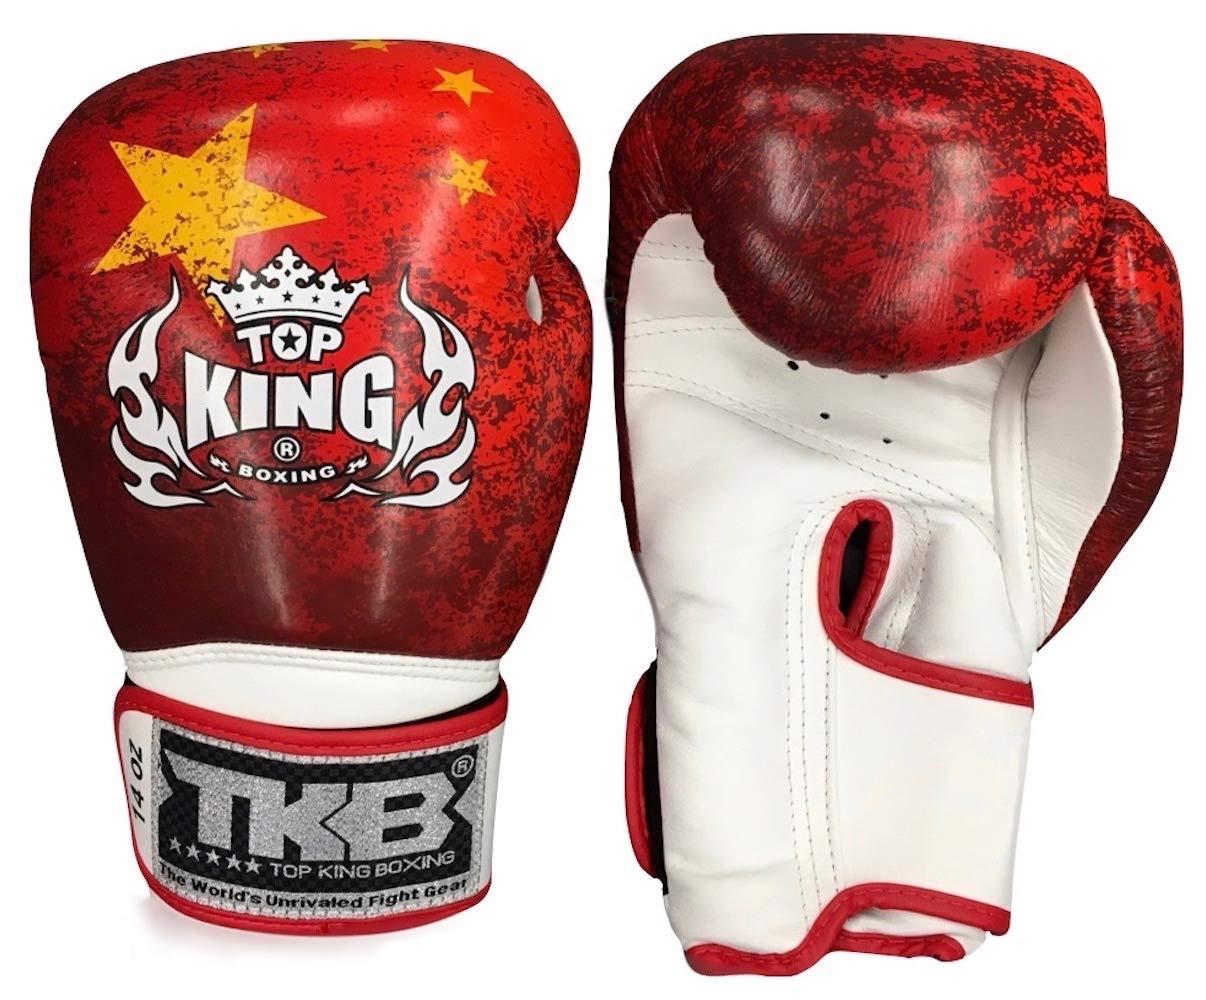 MMABLAST トップキング 中国国旗 ムエタイ ボクシング グローブ-TKBGSS-03 AIR 14oz  B07HDYWK3Q